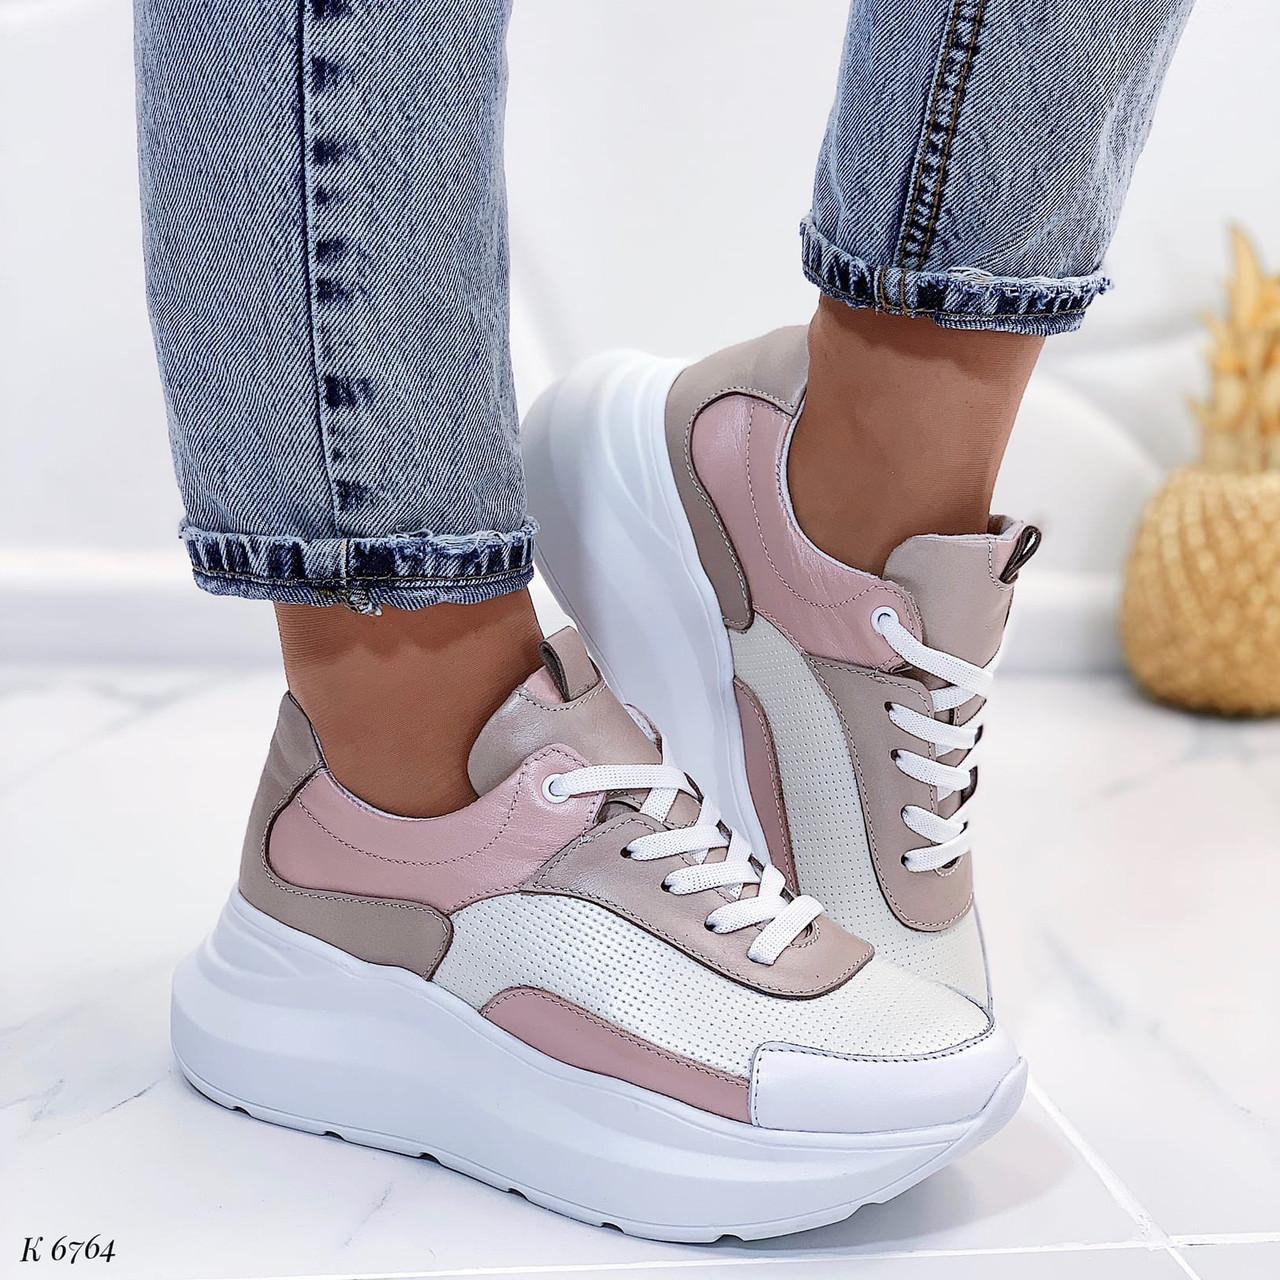 Кроссовки женские белые с бежевым/ розовым натуральная кожа